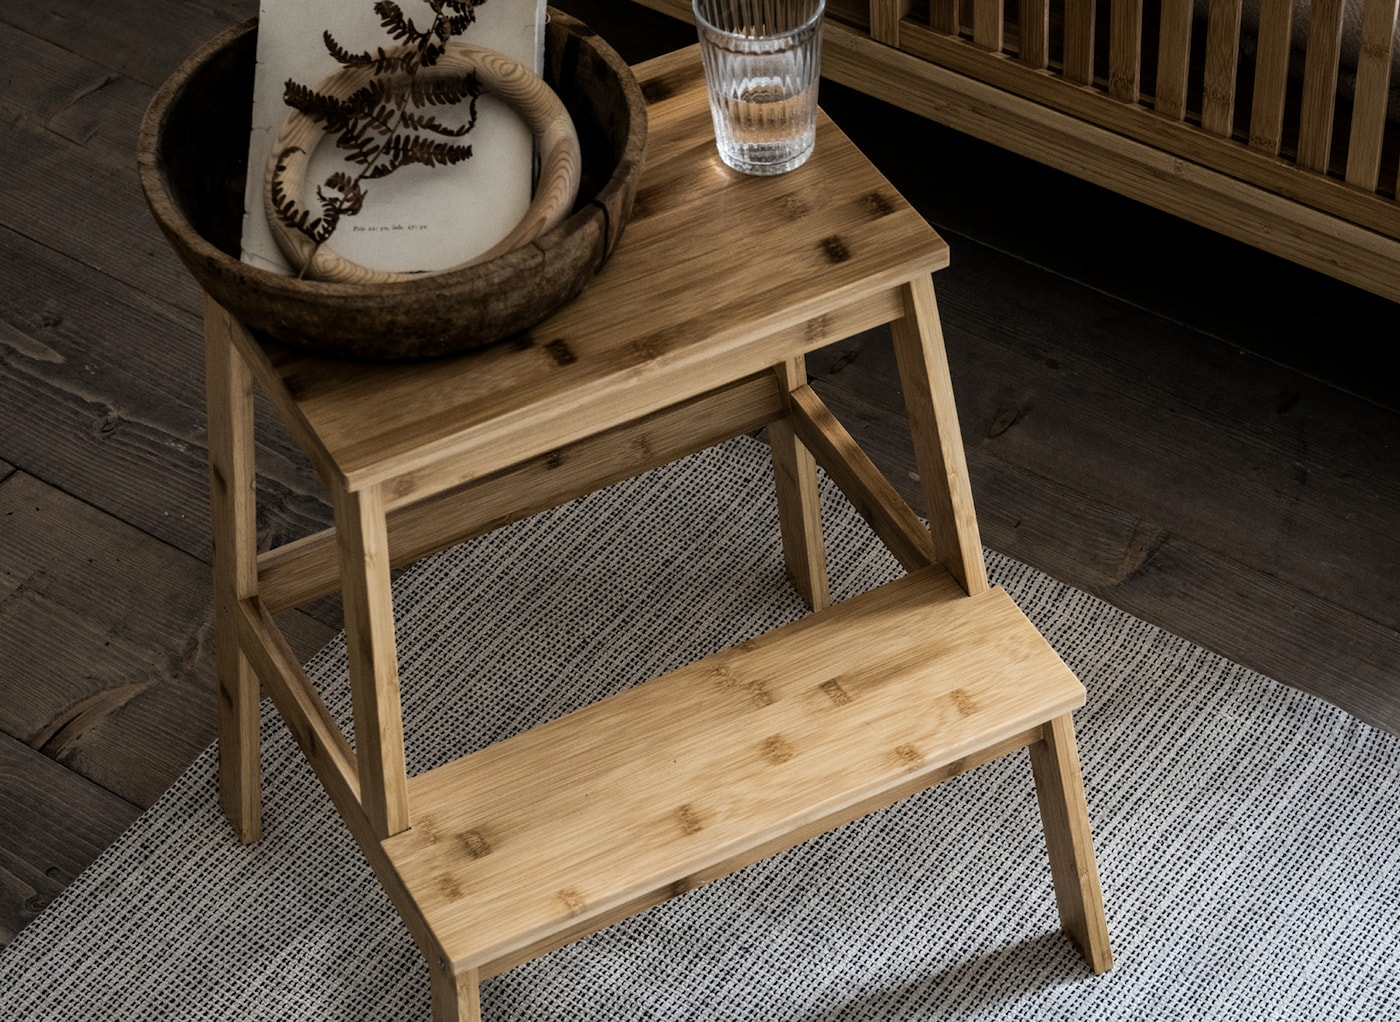 Träskål och transparent dricksglas står på en IKEA TENHULT pall tillverkad av bambu.